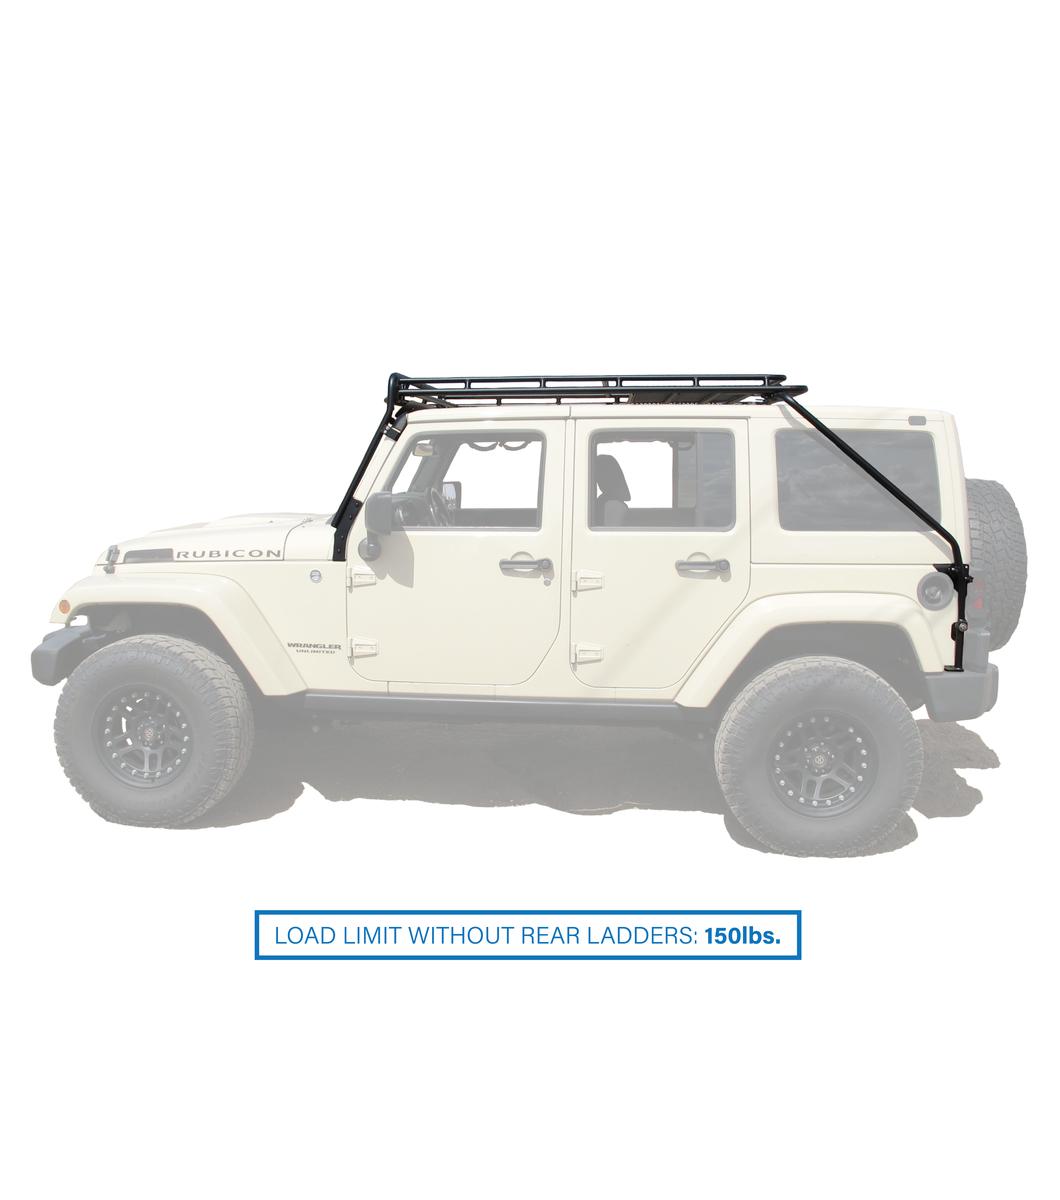 jeep jku45 4door stealth rack multi light 50 led setup